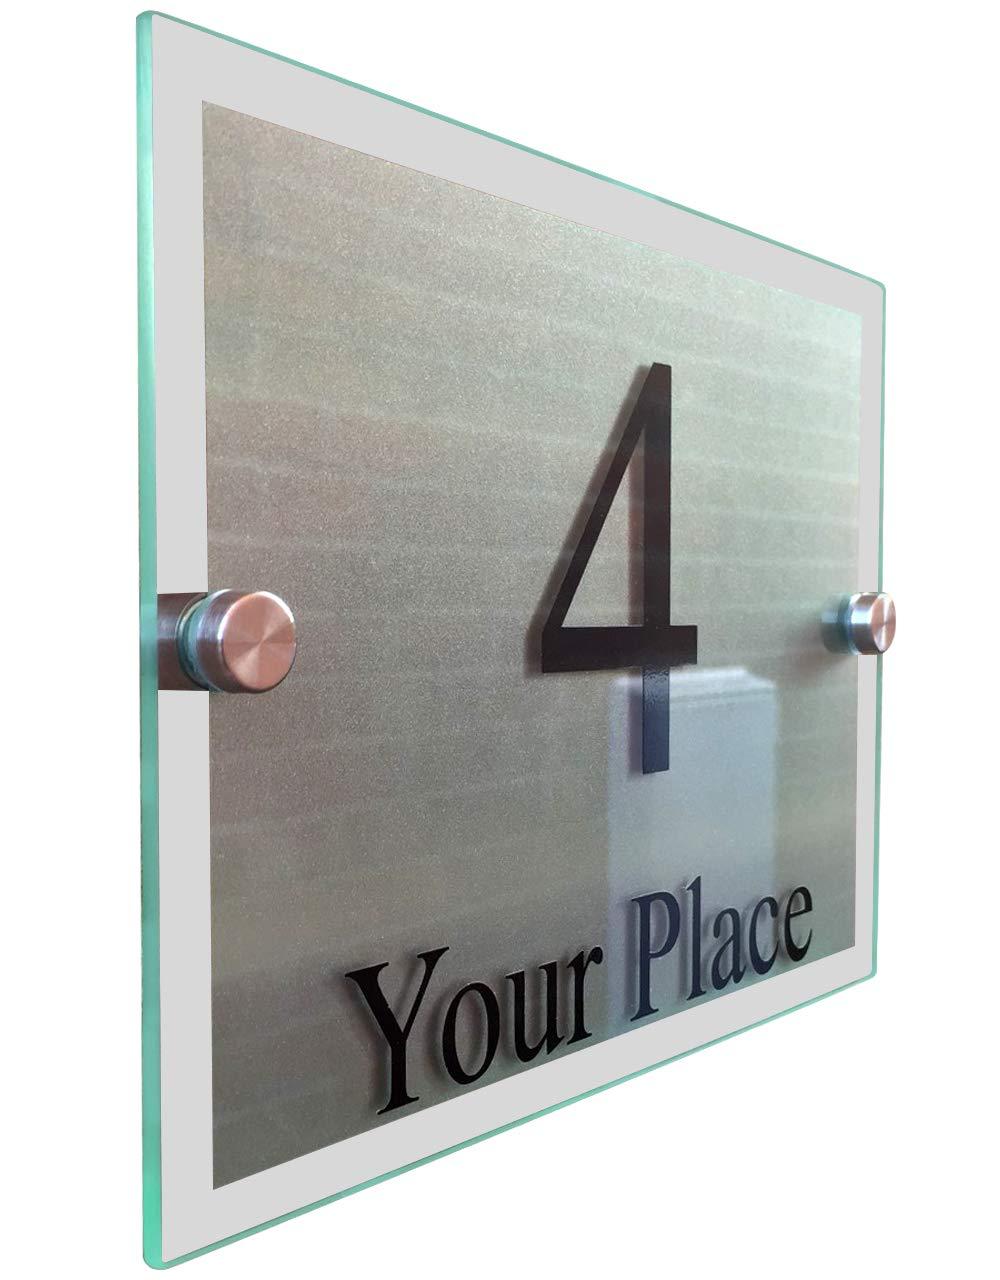 Modern house signsガラス効果アクリルドア数/ストリート/ Medium B01KI4198O